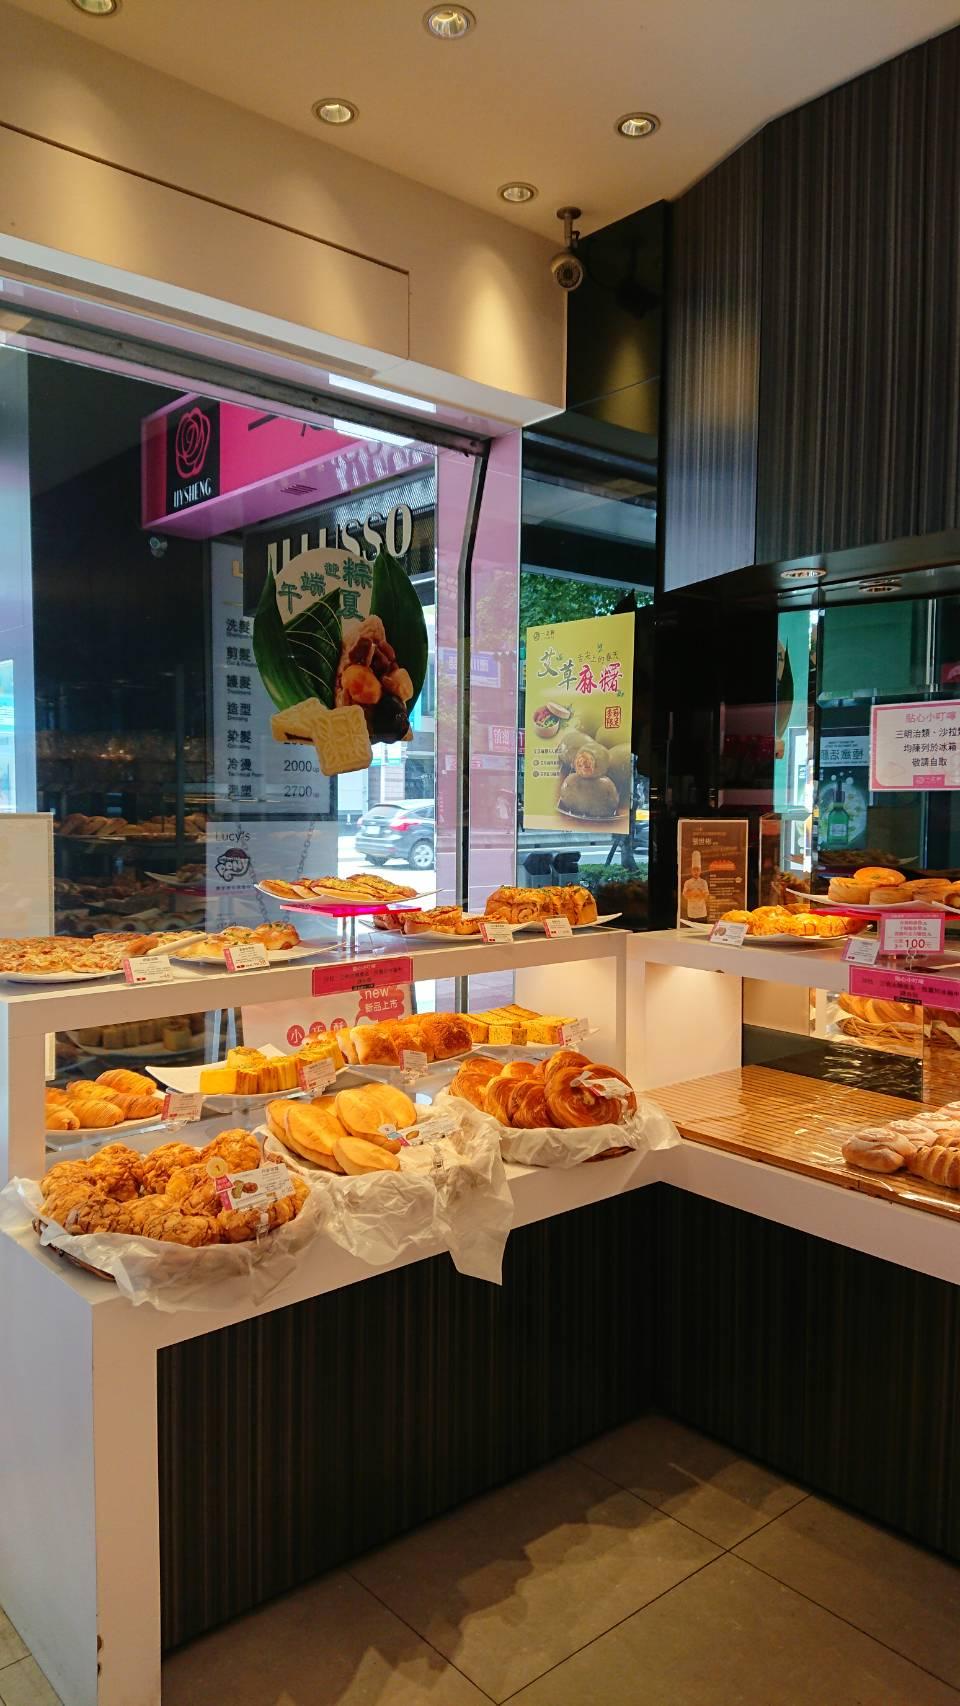 お土産選びに使えるベーカリー&お菓子屋さん「一之軒」 | MANGO STATIONの臺灣便り